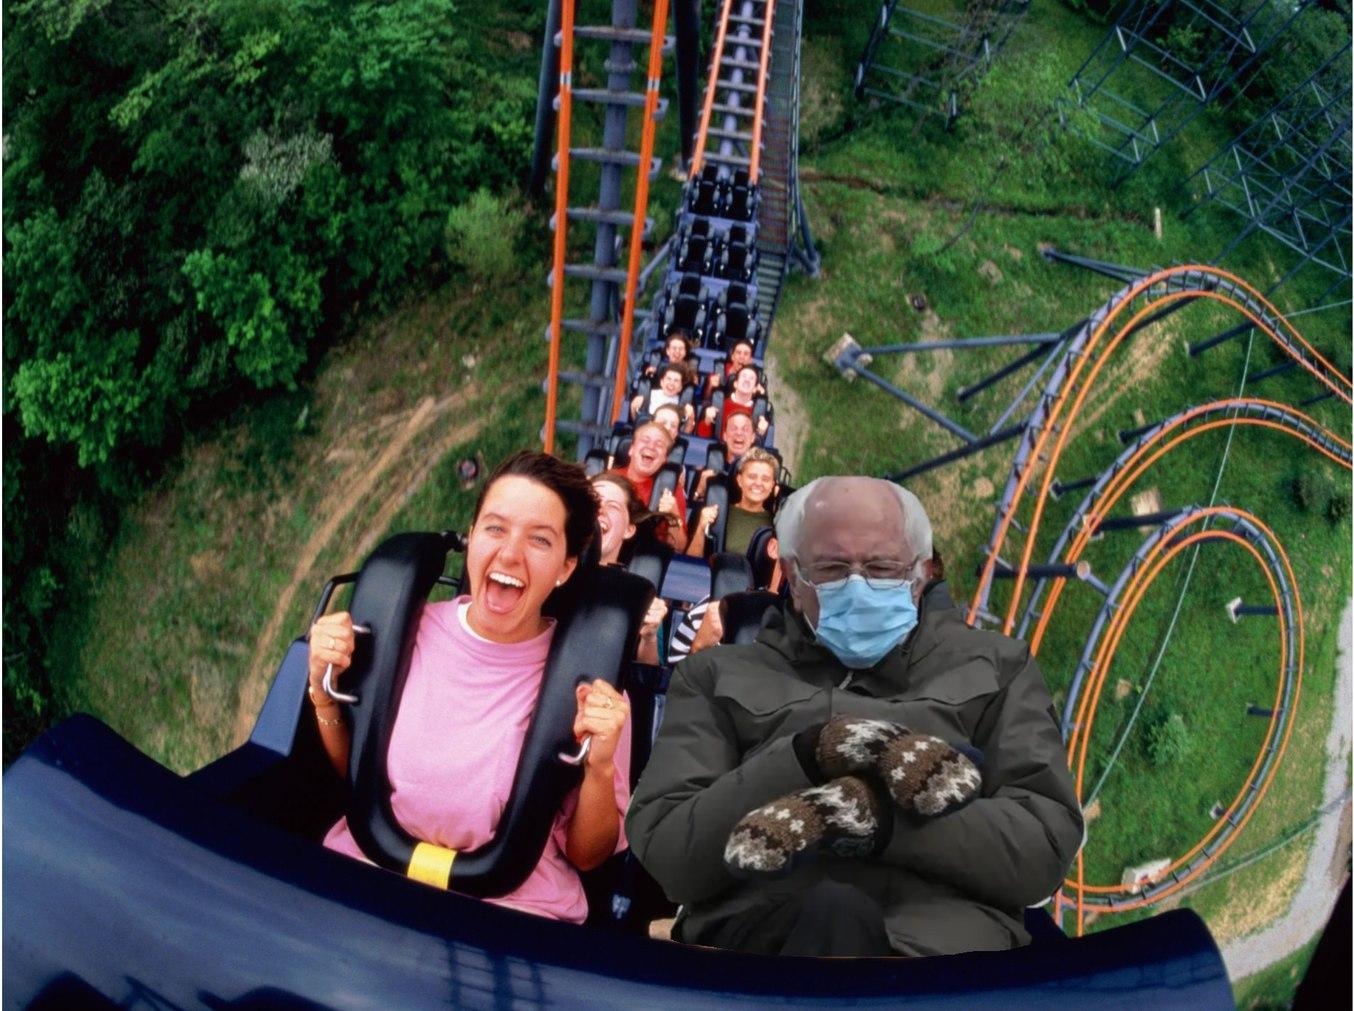 Roller Coaster Bernie - Meme by strako :) Memedroid